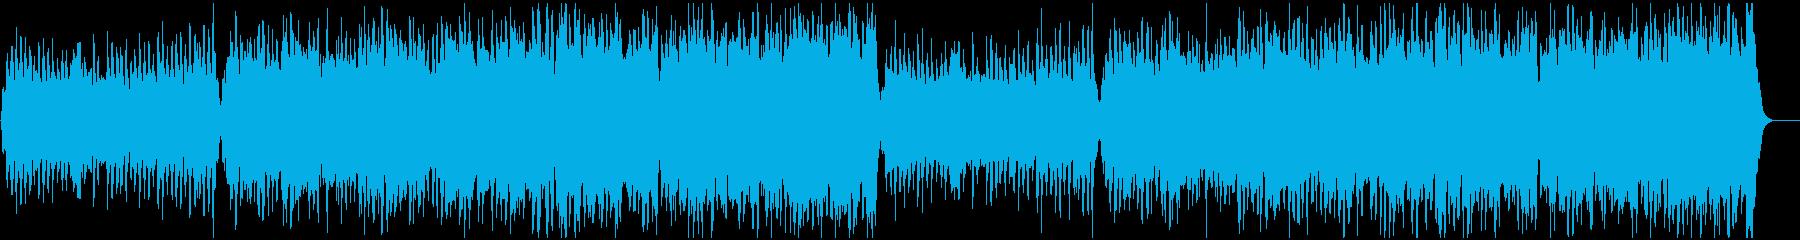 フルストリングスと木管によるワルツの再生済みの波形